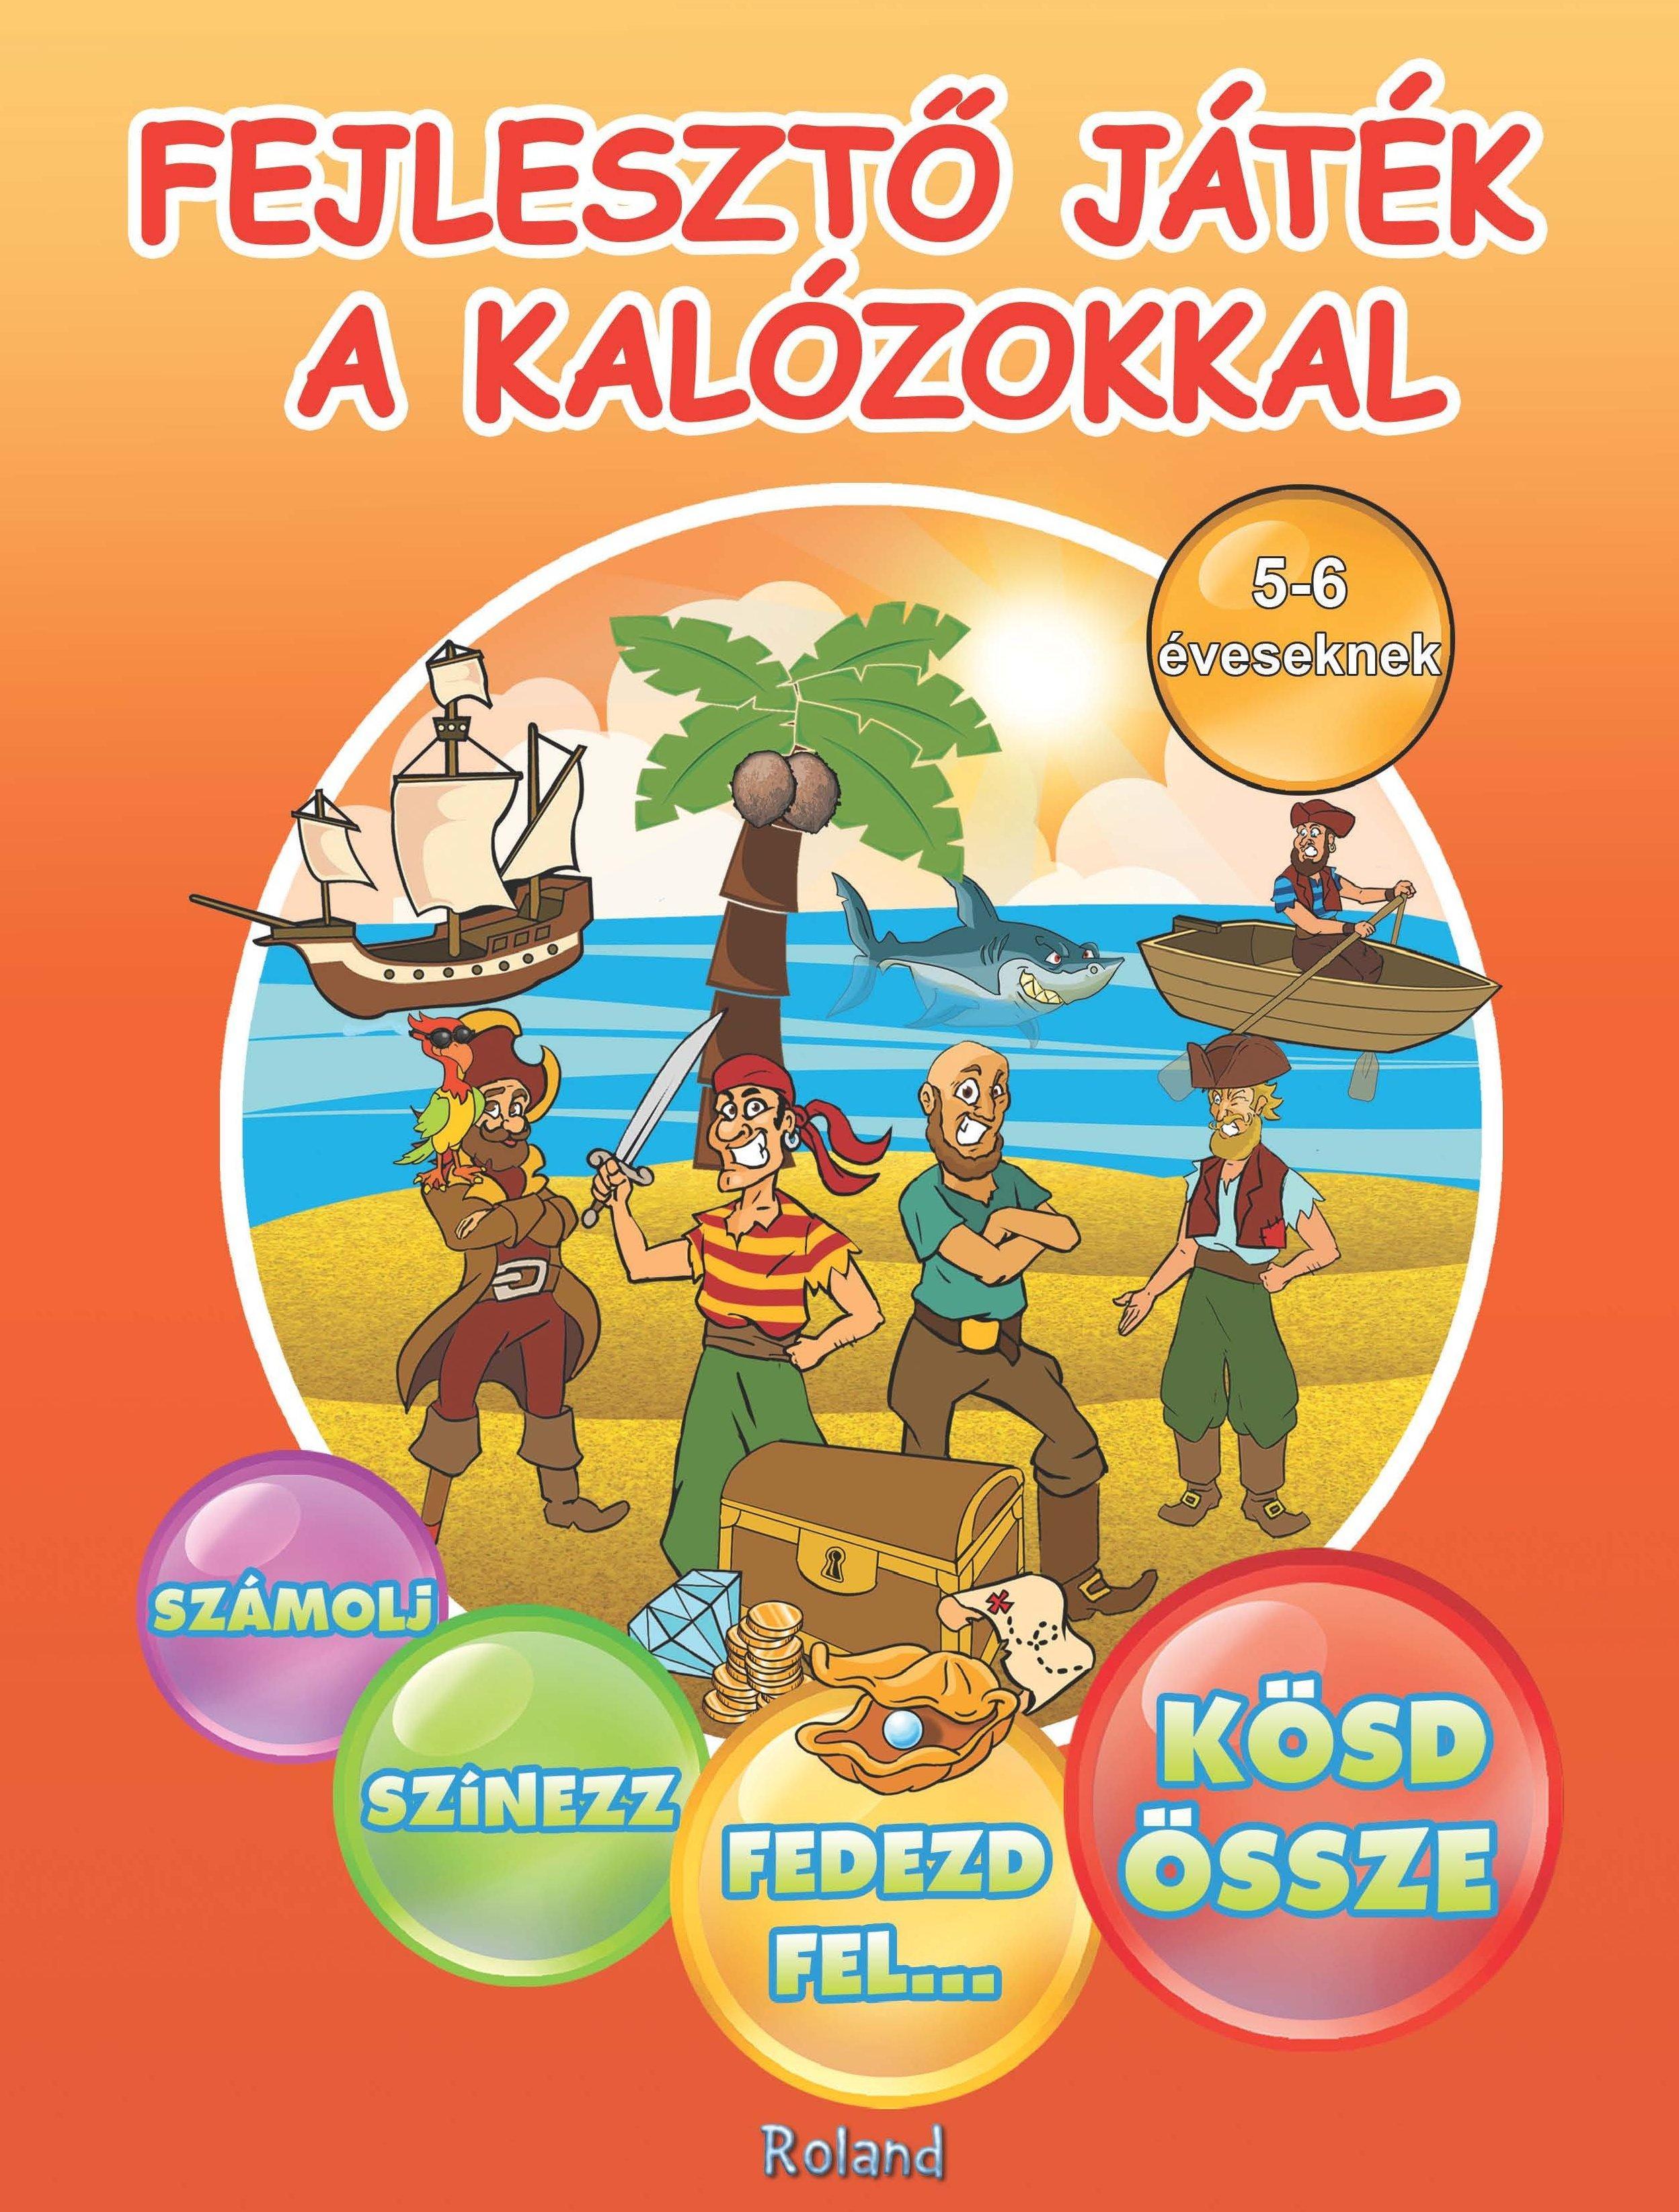 FEJLESZTŐ JÁTÉK A KALÓZOKKAL - FOGLALKOZTATÓ 5-6 ÉVESEKNEK